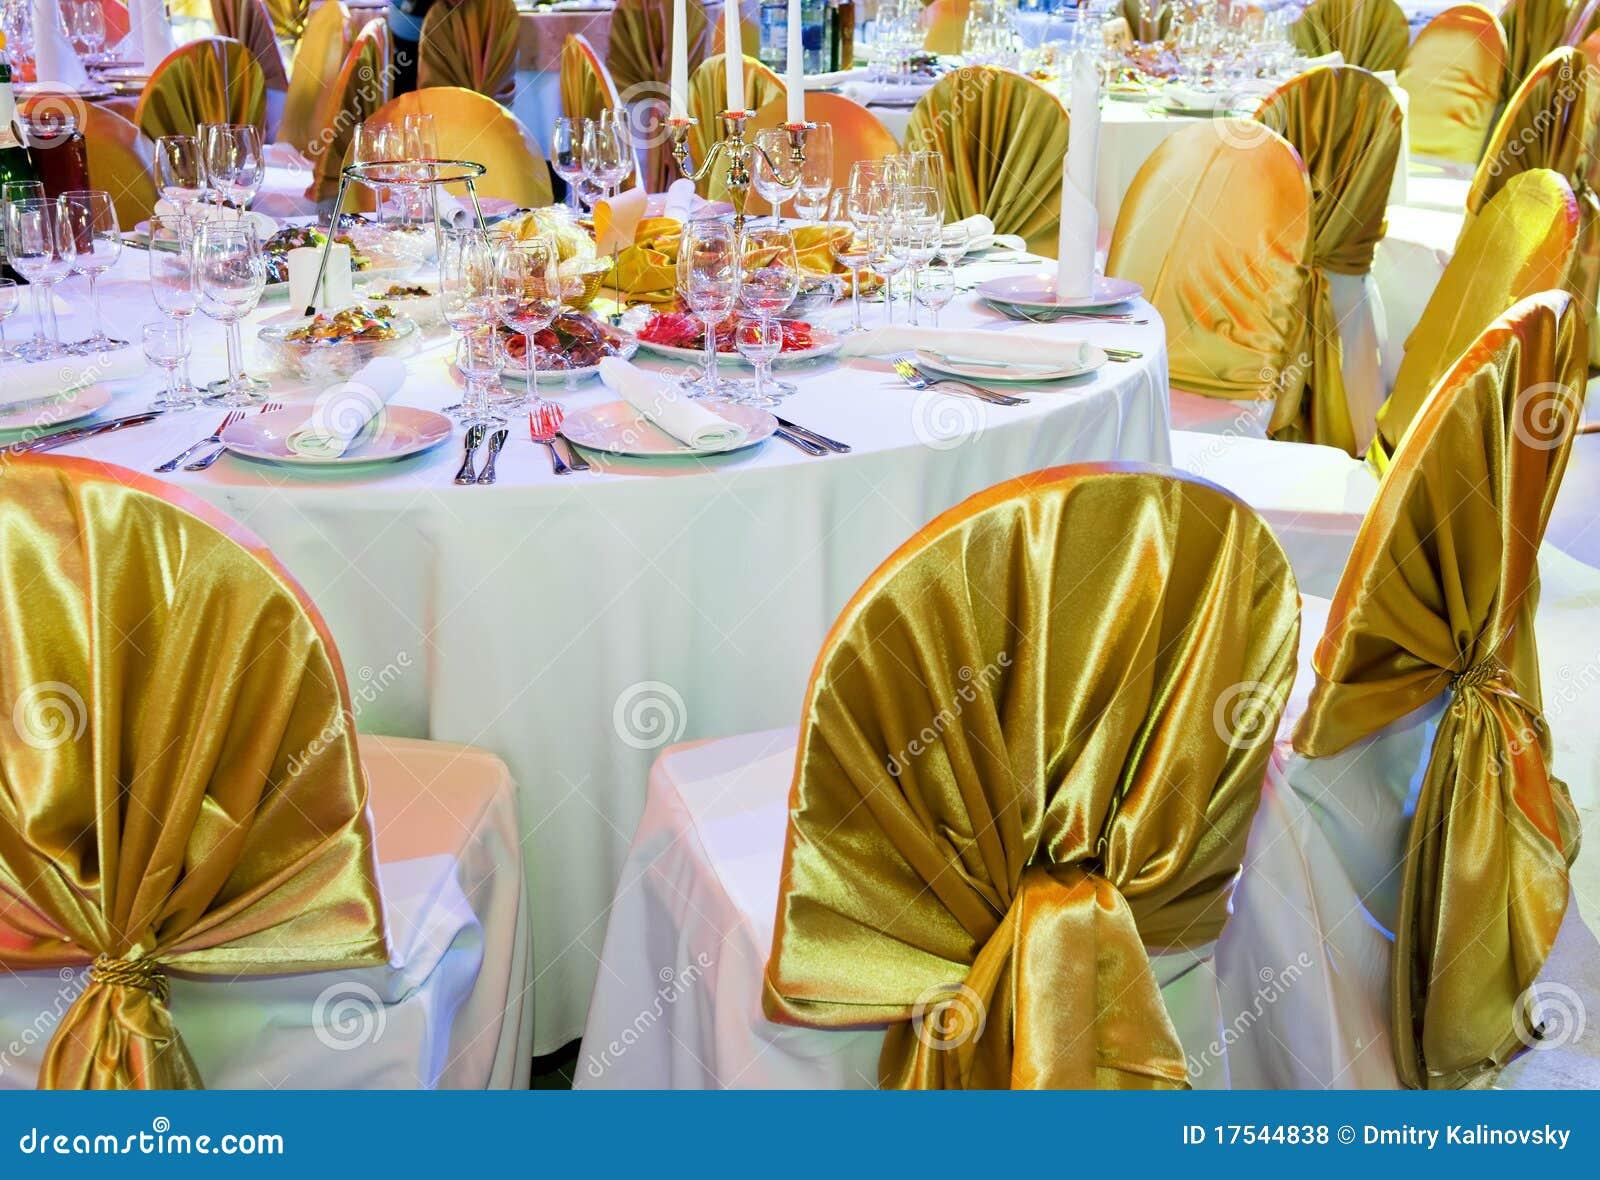 Service à Table : Restaurant Gasville Oisème 28300 (adresse, horaire et avis)